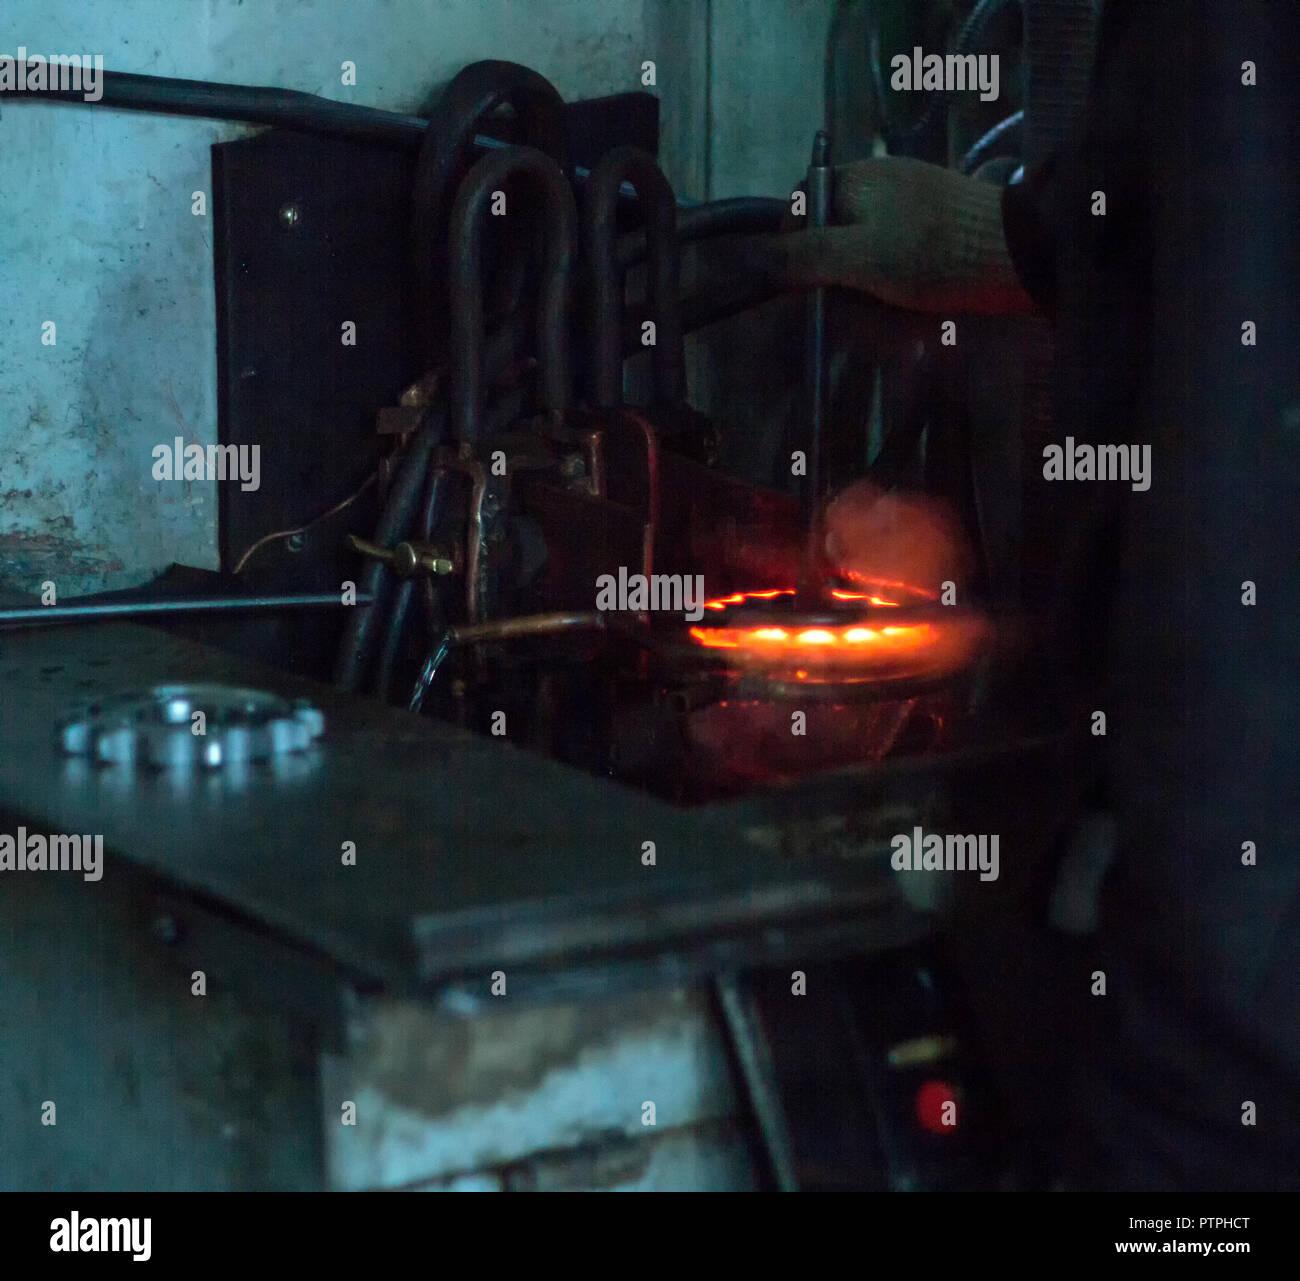 El trabajador realiza tratamiento térmico de endurecimiento del metal gear en una máquina especial, close-up, endurecimiento del metal, endurecimiento Imagen De Stock